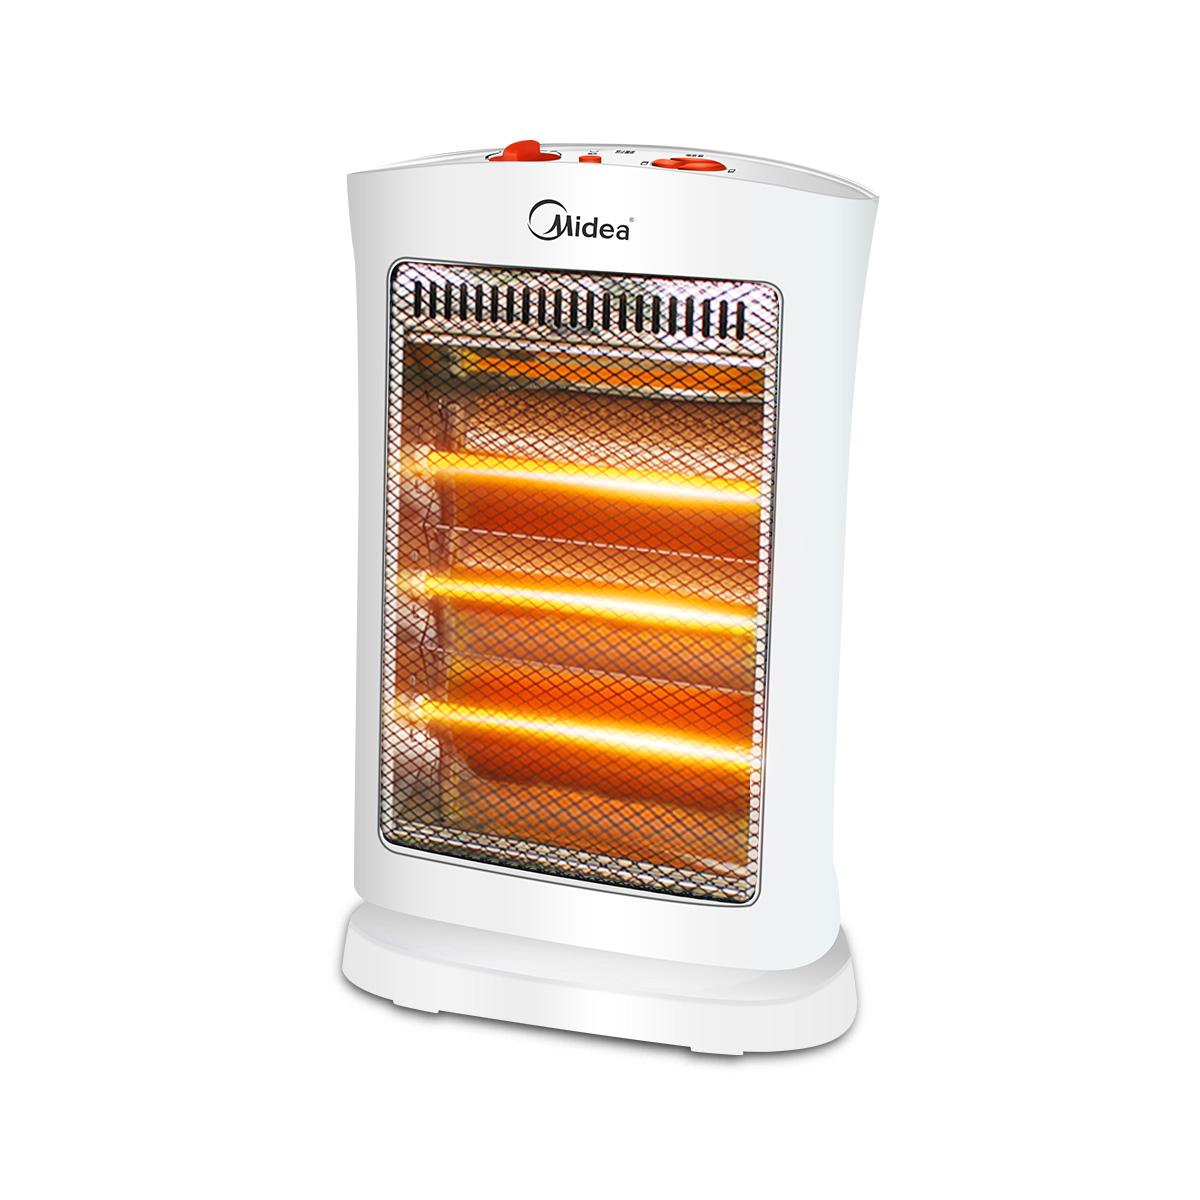 Midea/美的 NS12-15B电暖器(油汀、暖风机) 说明书.pdf